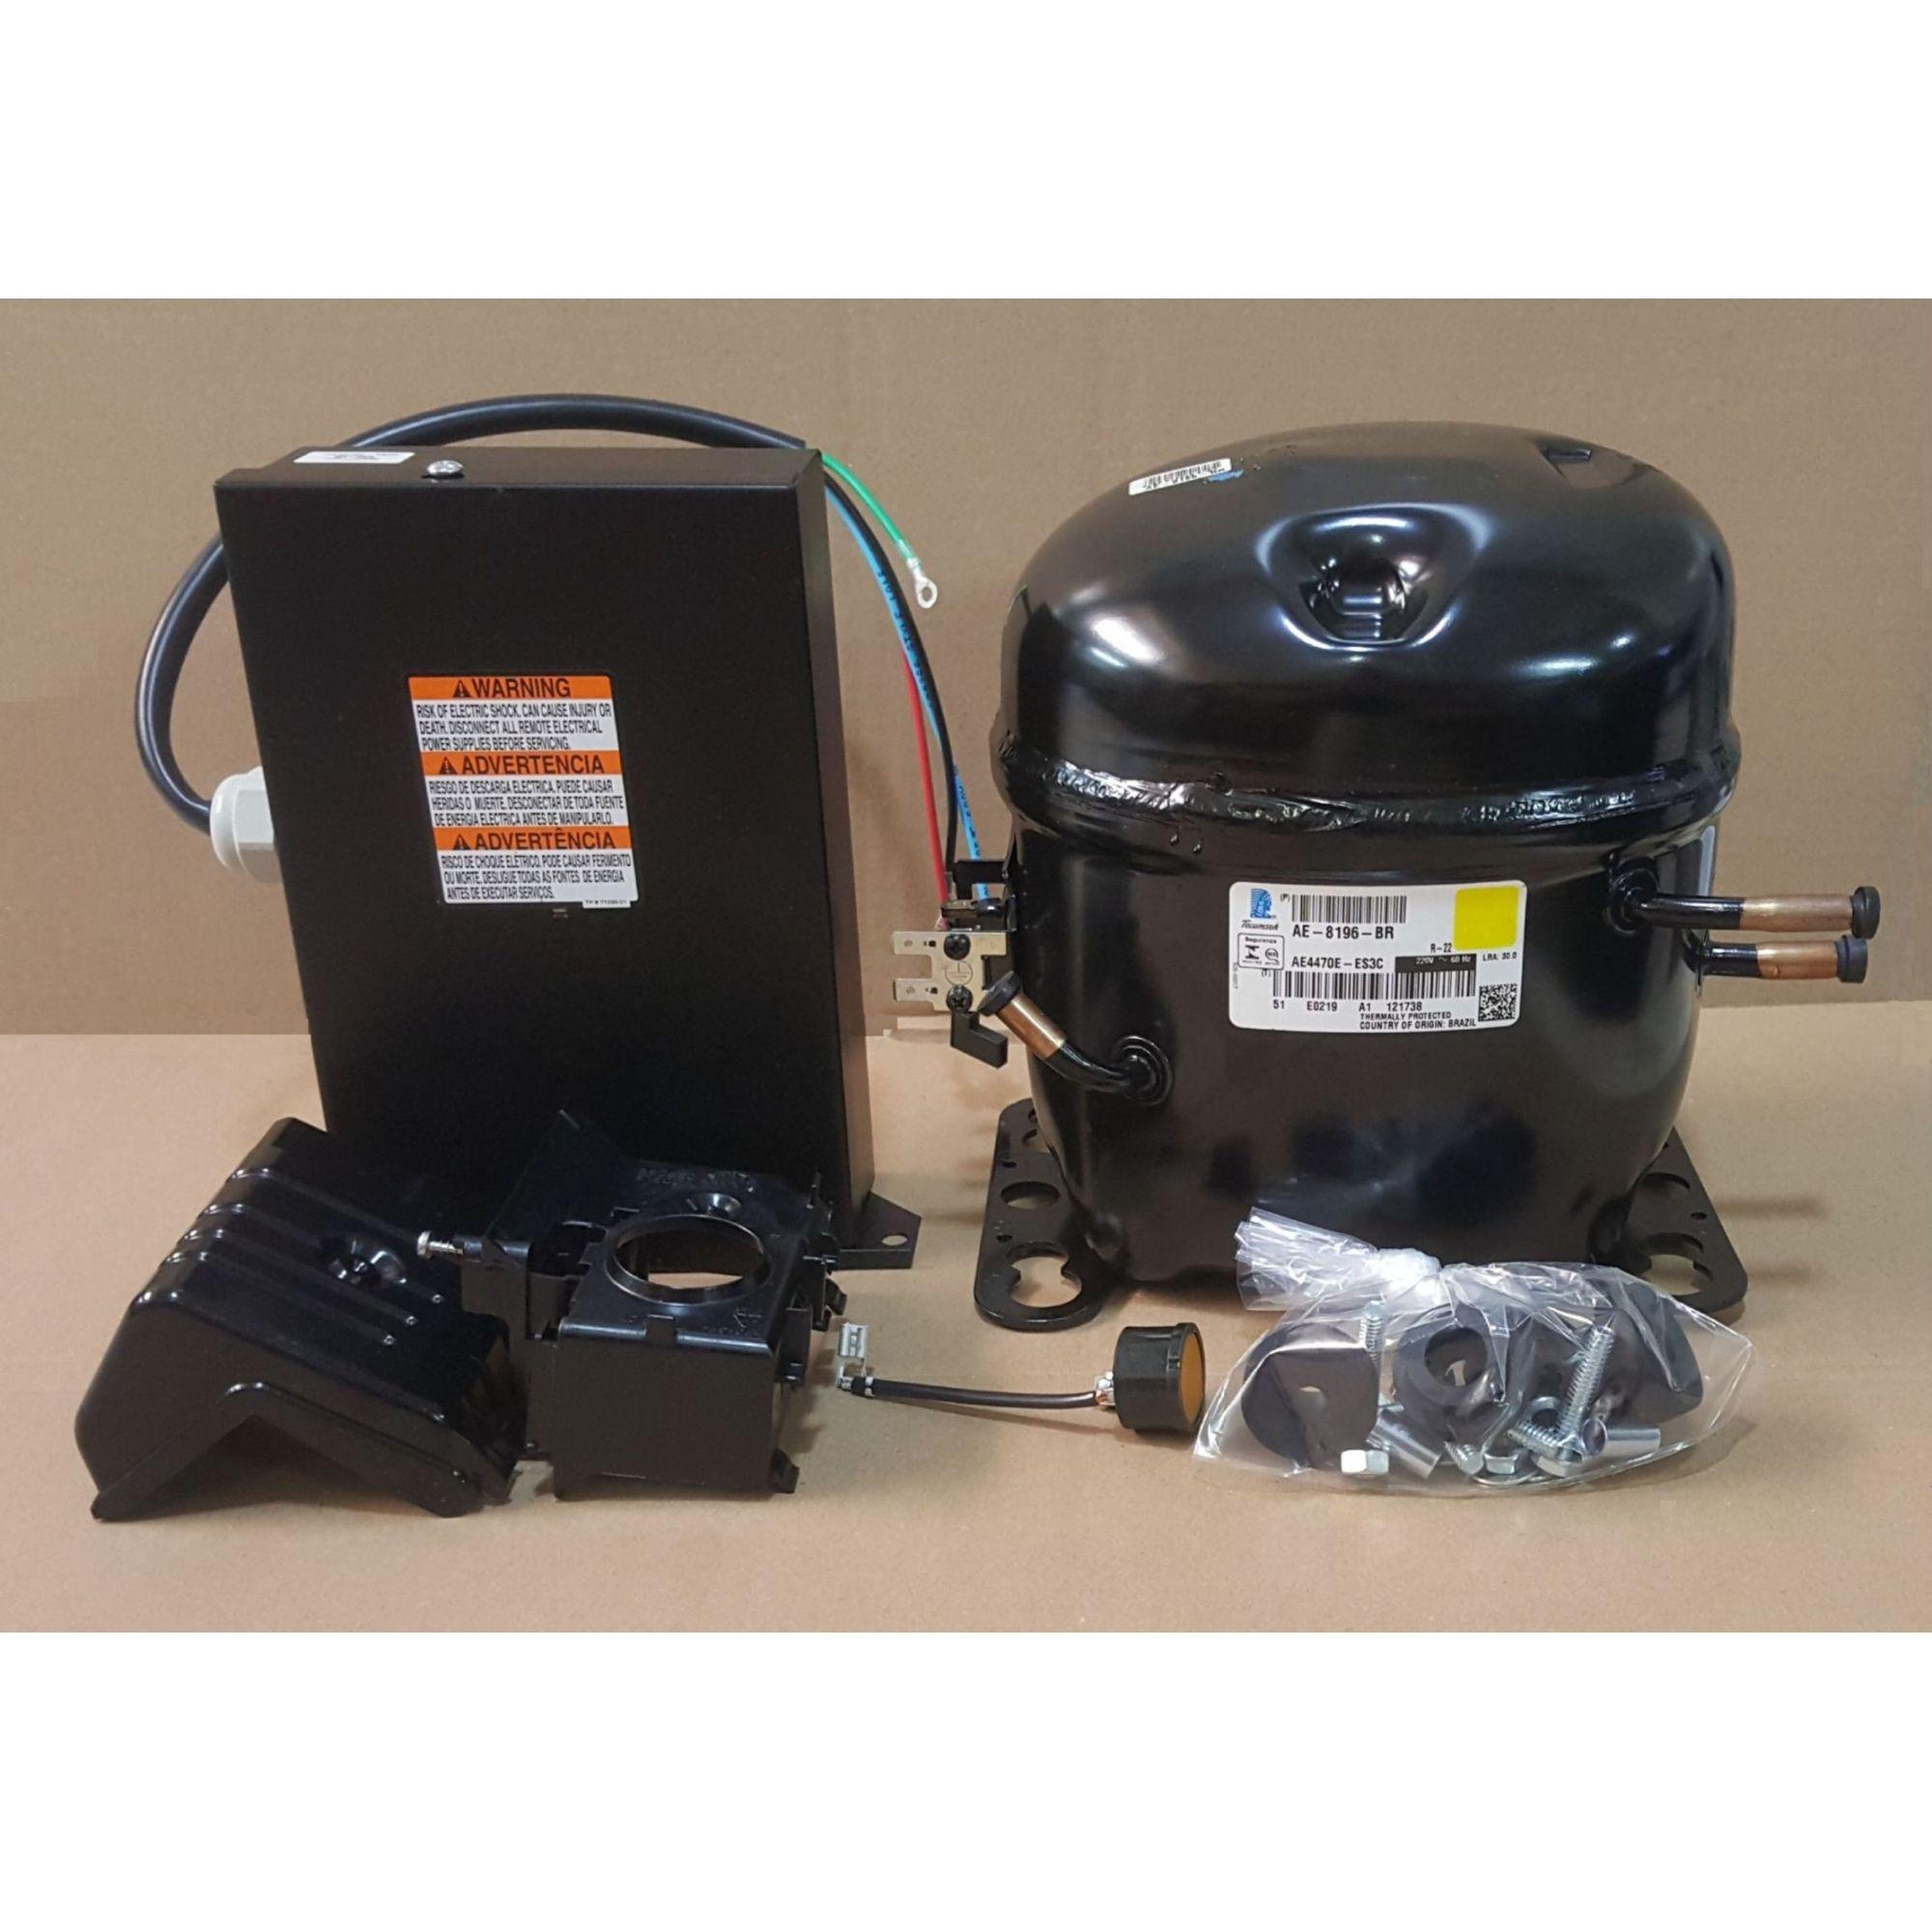 Motor Compressor 3/4 HP - AE4470E AE8196BR - 220V - R22 - 60 HZ - Tecumseh